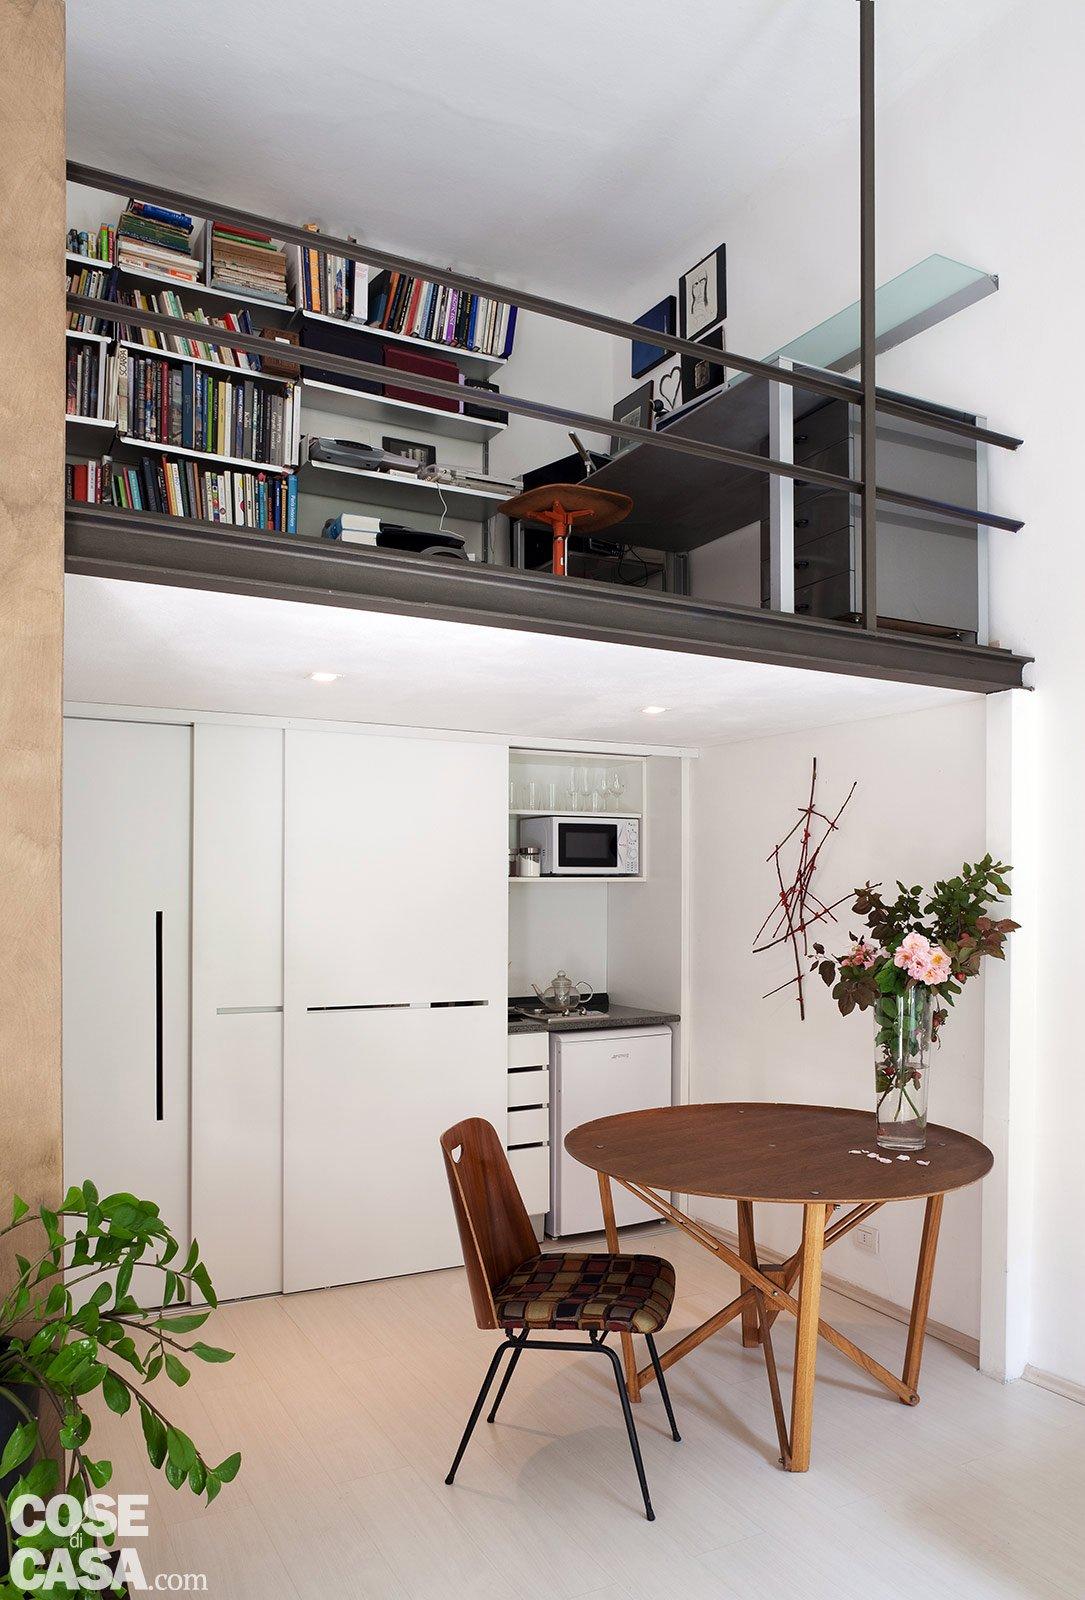 Monolocale: Una Casa Di 30 Mq Risolta Al Centimetro Cose Di Casa #416418 1085 1600 Arredare Cucina Soggiorno Di 30 Mq